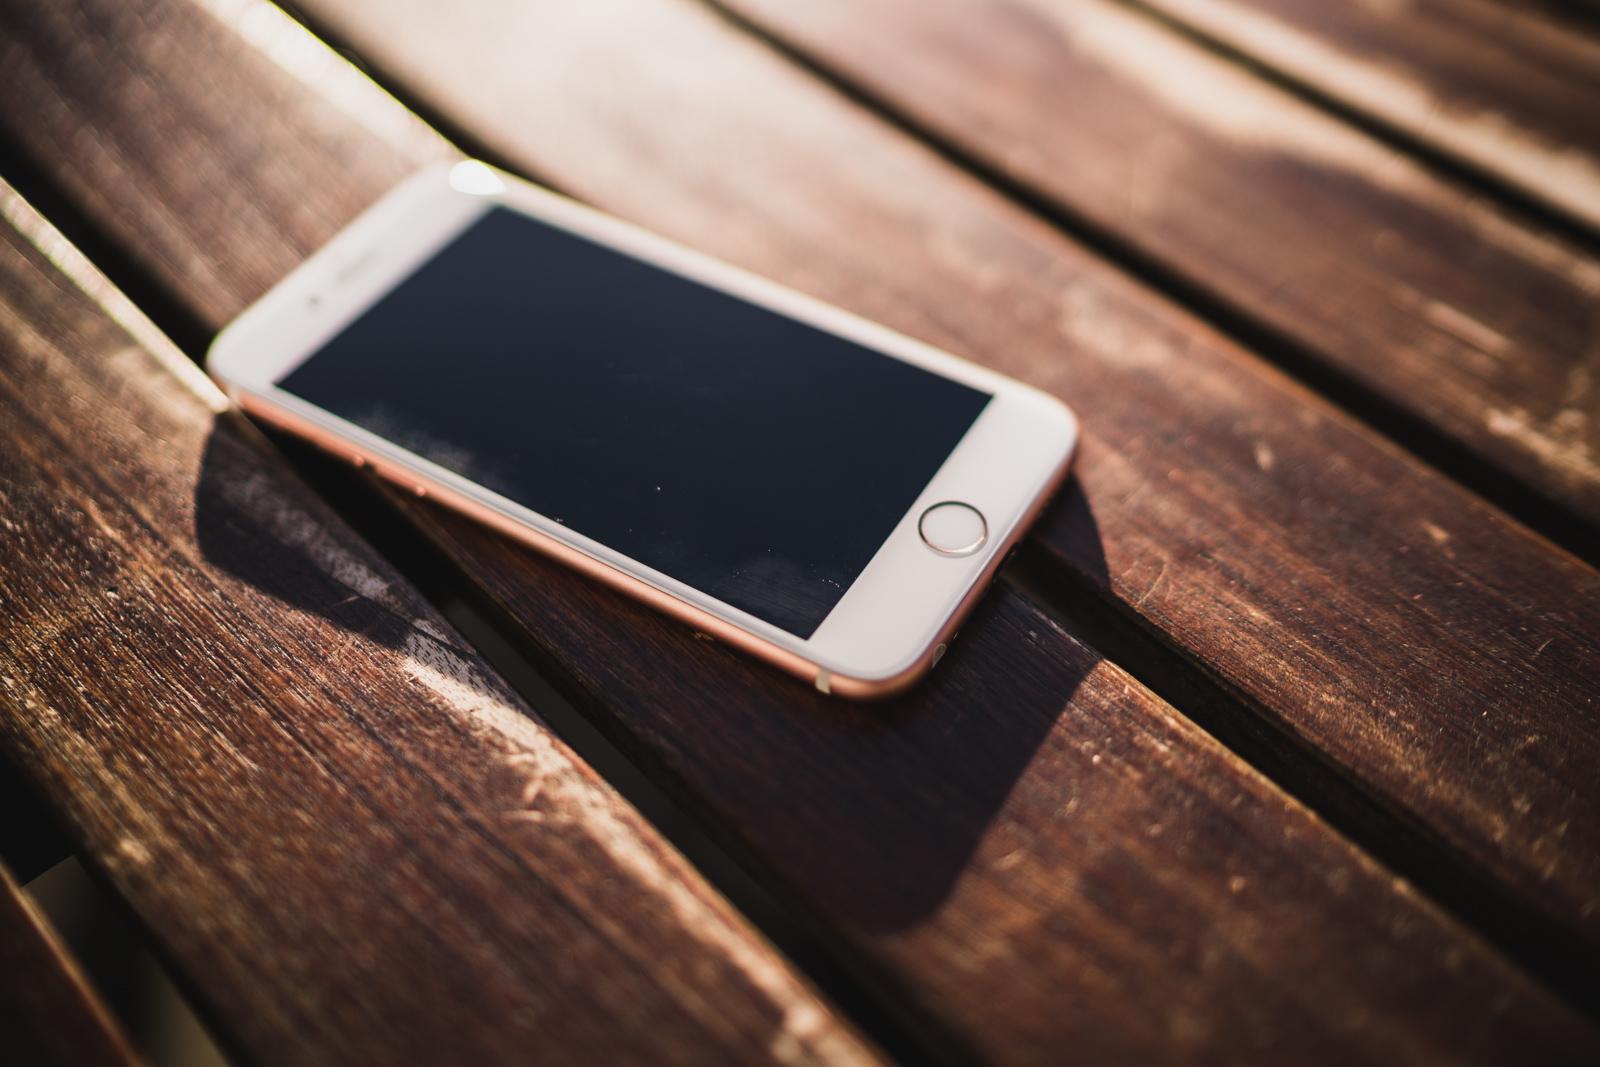 Wiemy już prawie wszystko o aparacie w iPhonie 7. Jest na co czekać